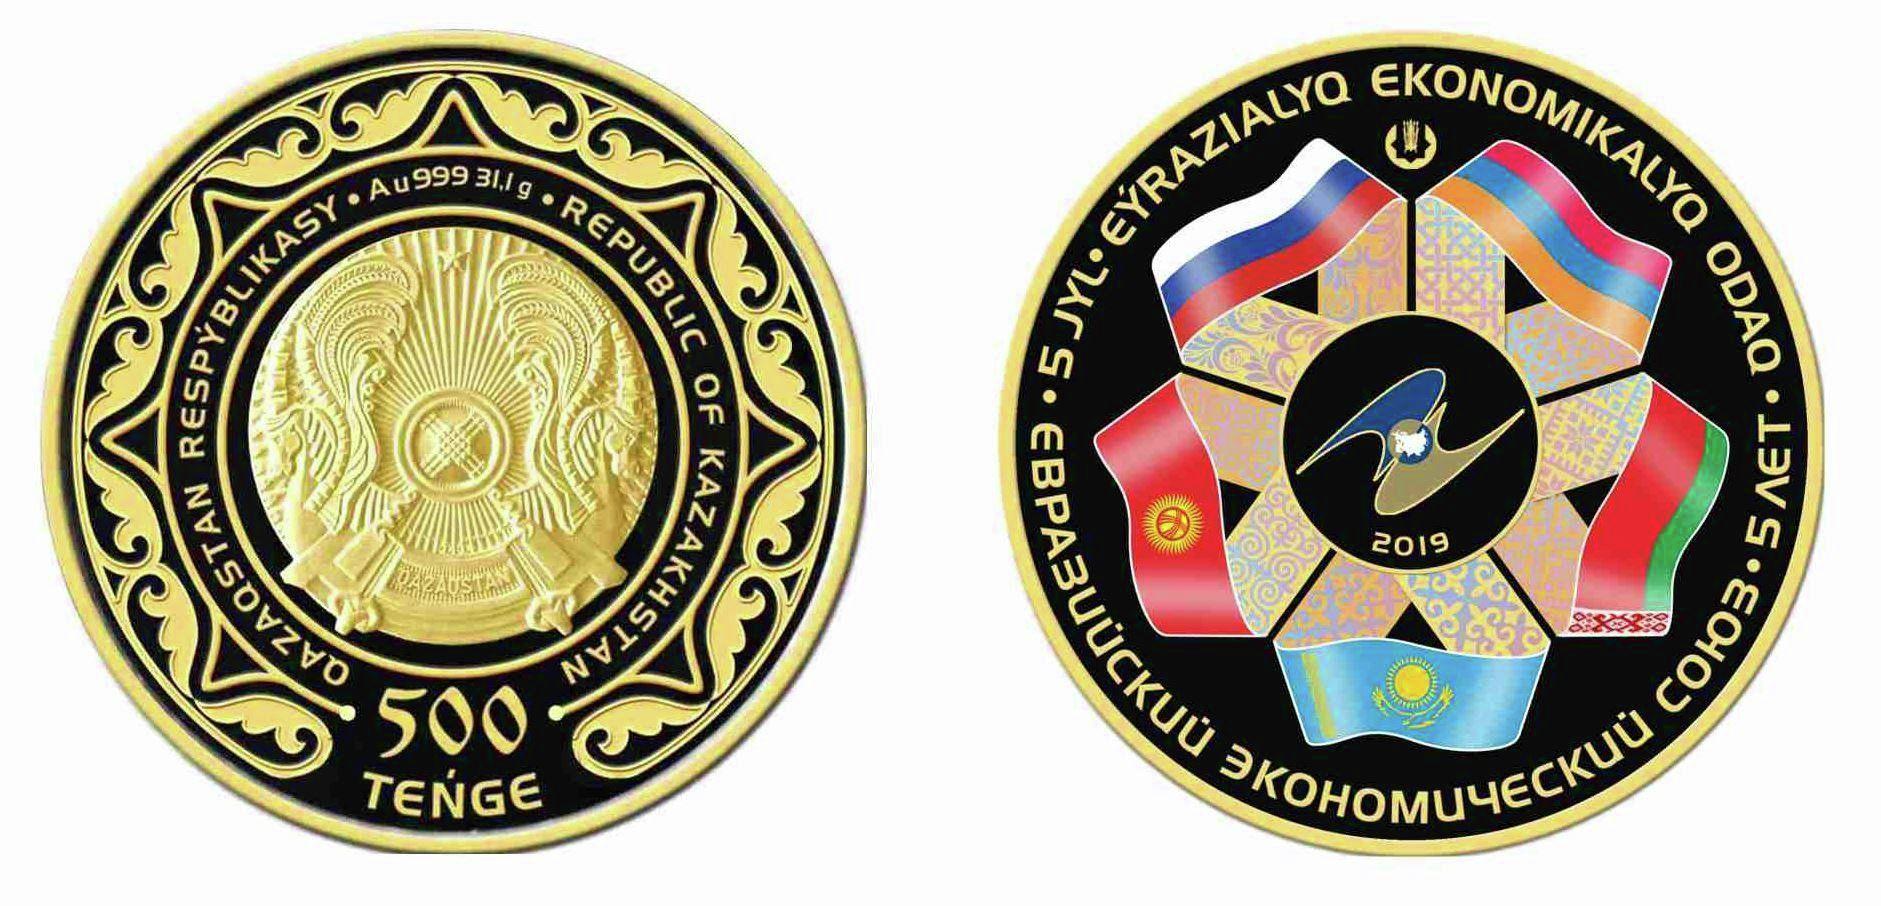 Золотая монета Евразийский экономический союз. 5 лет номиналом в 500 тенге